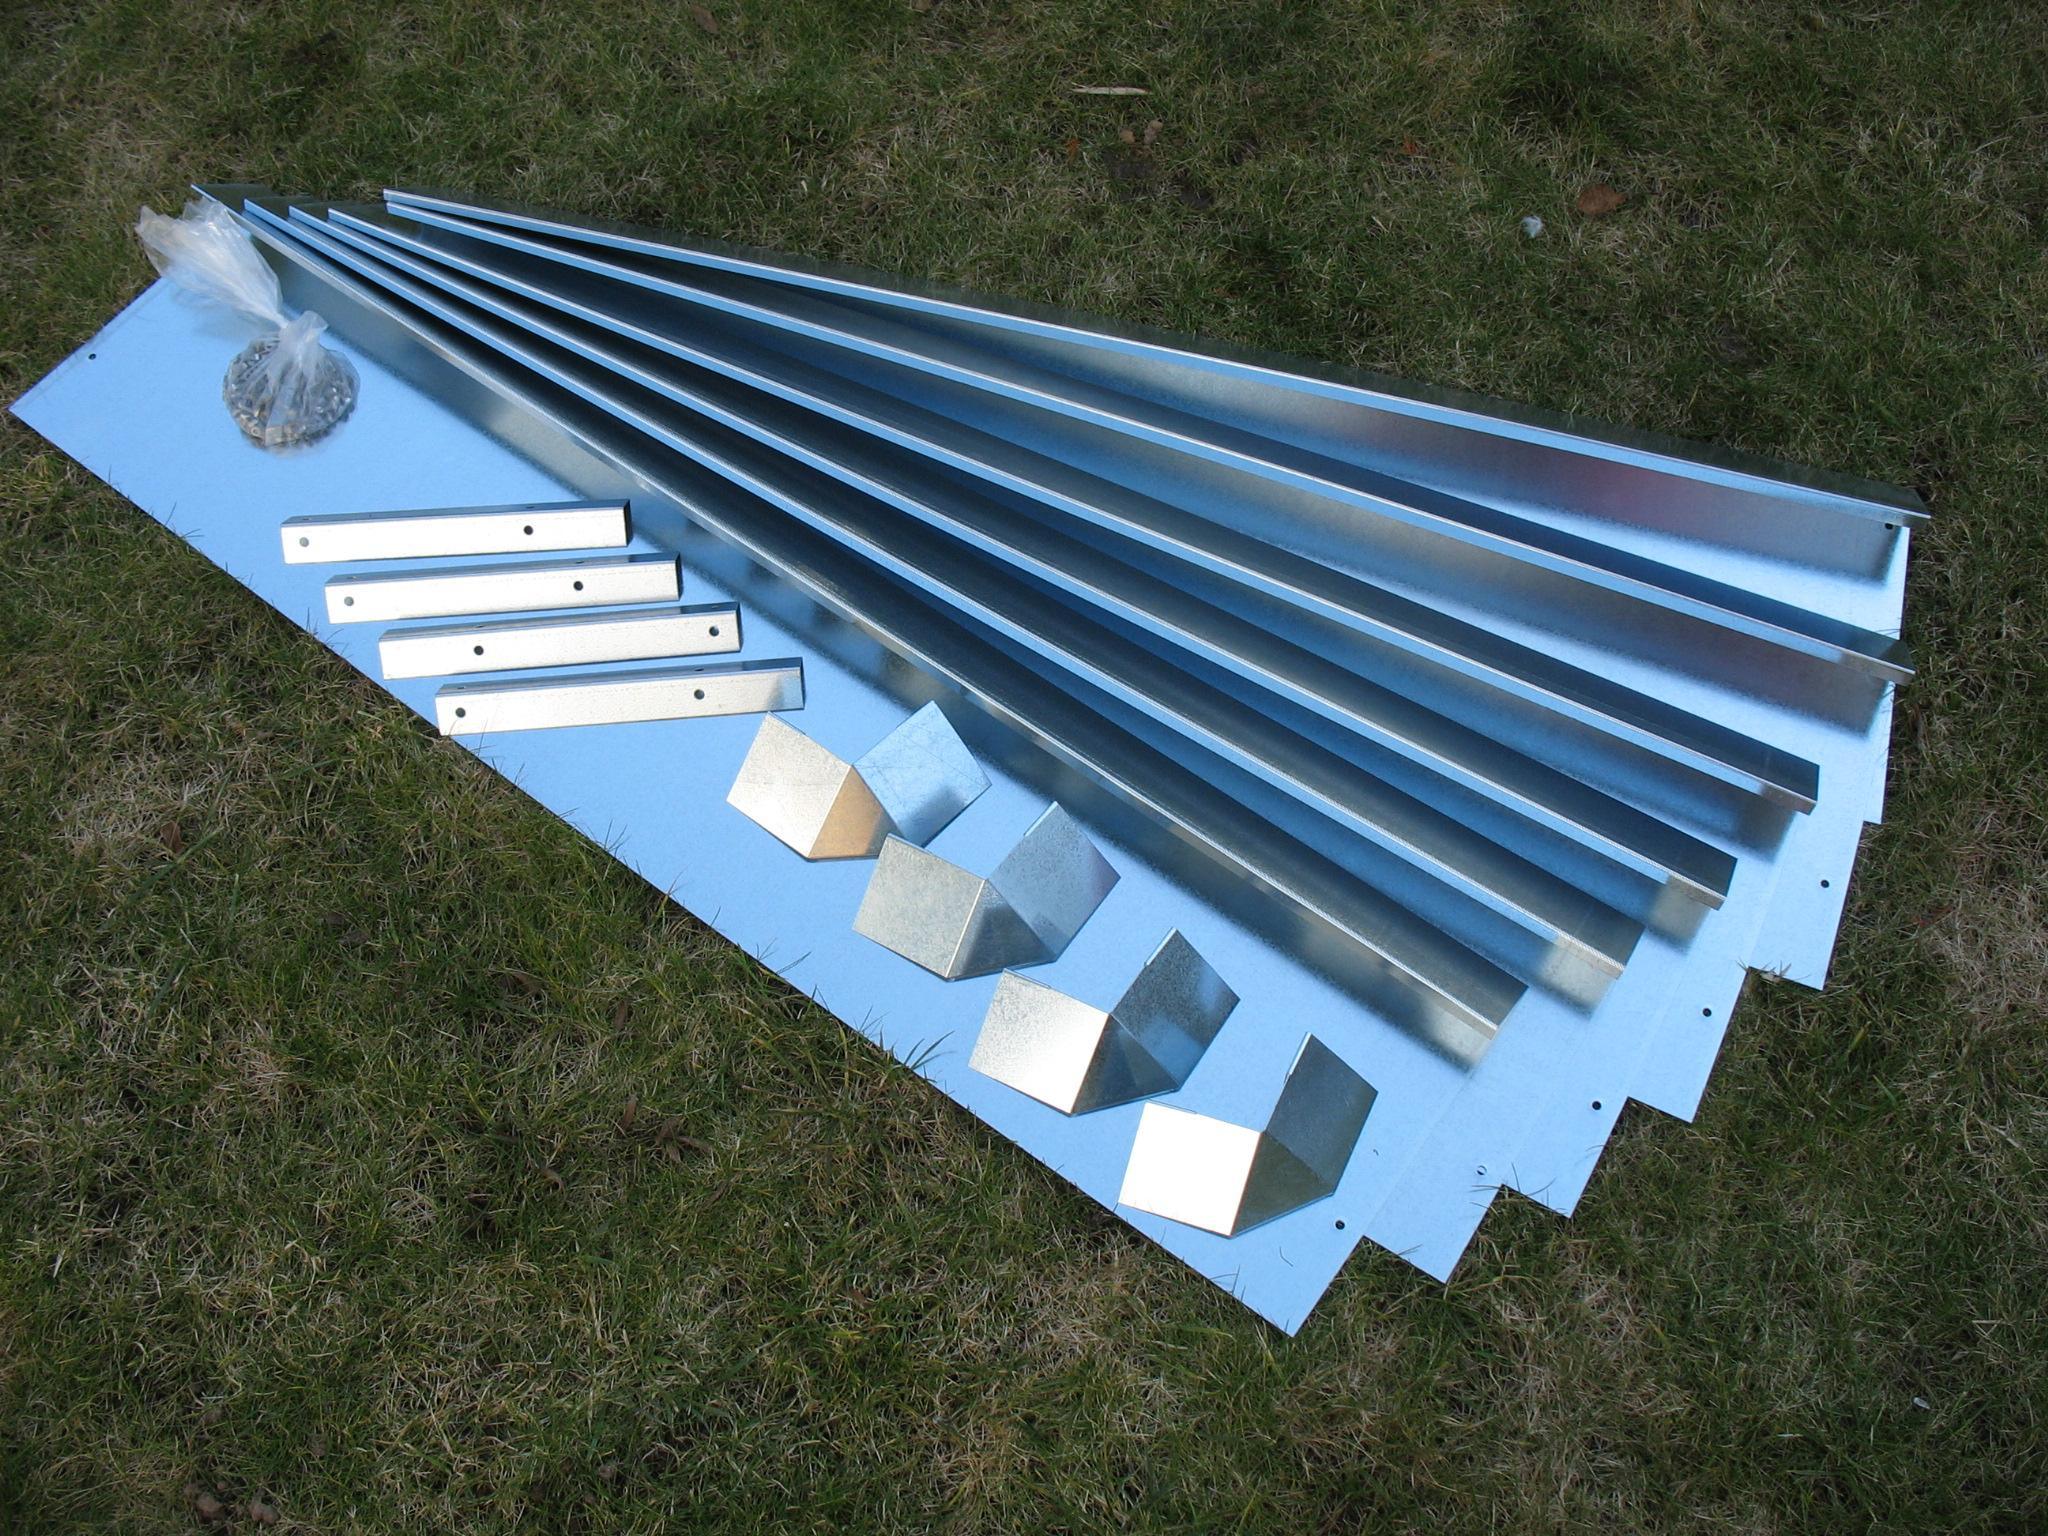 schneckenzaun schutz metall f r beet max 1qm 4 bleche 4 ecken. Black Bedroom Furniture Sets. Home Design Ideas